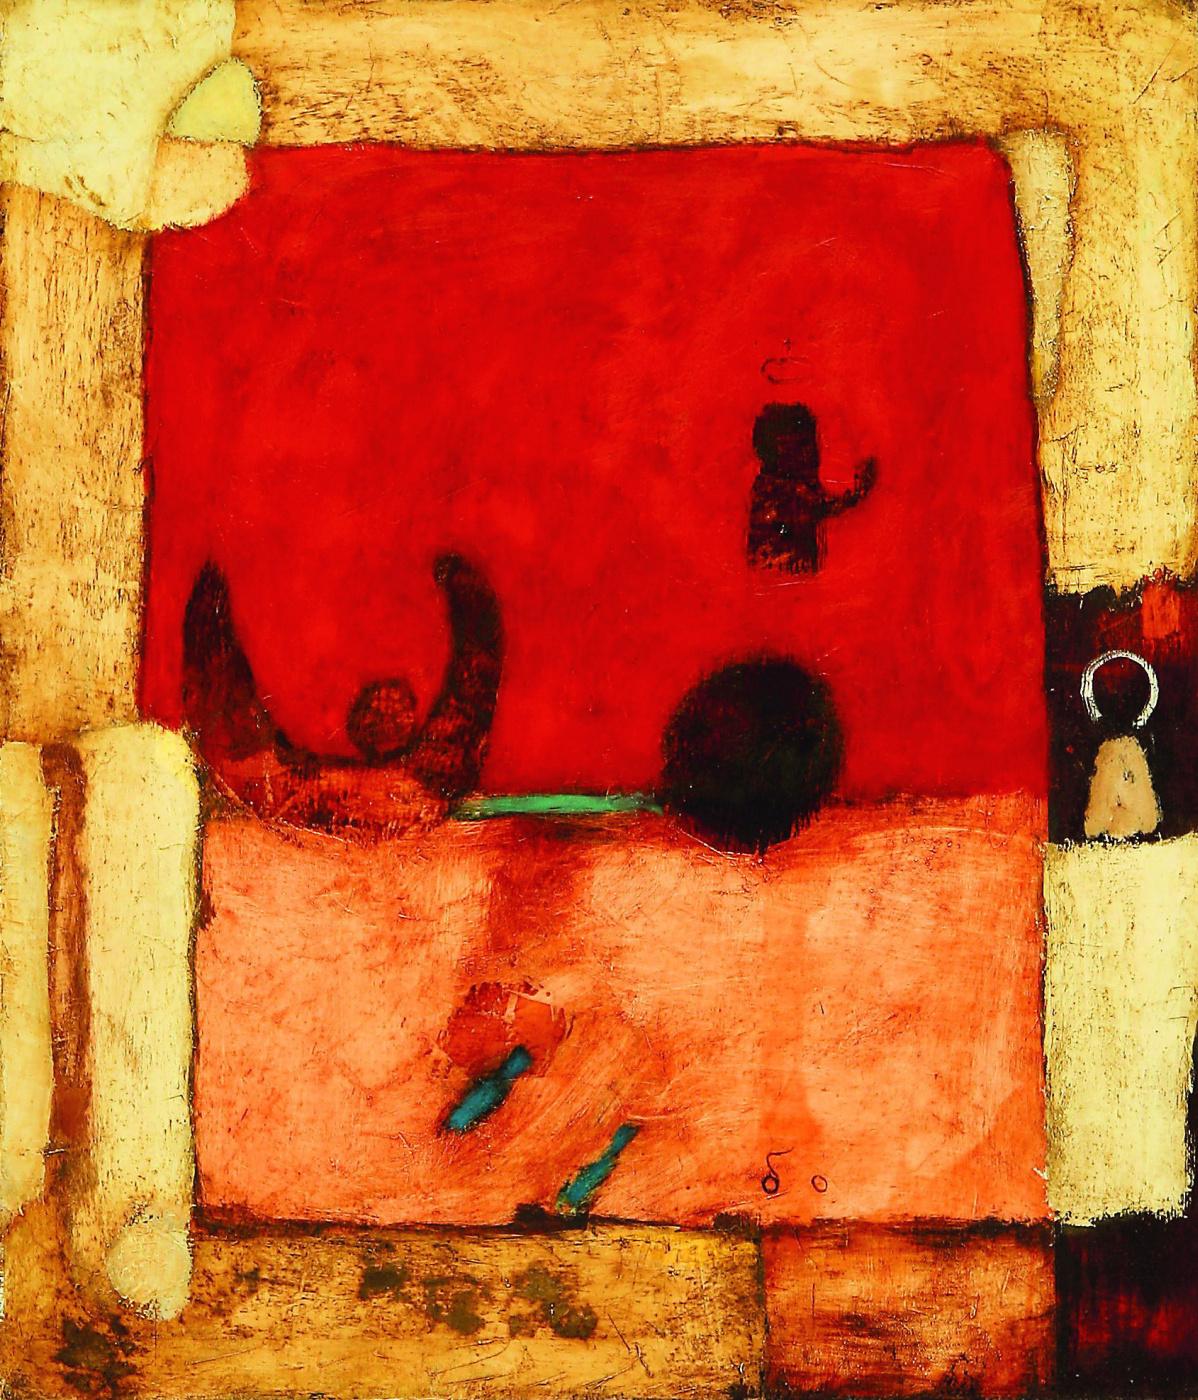 Бесконечное приближение. Выставка незаконченных картин Вадима Бо в Петербурге развеет предубеждения